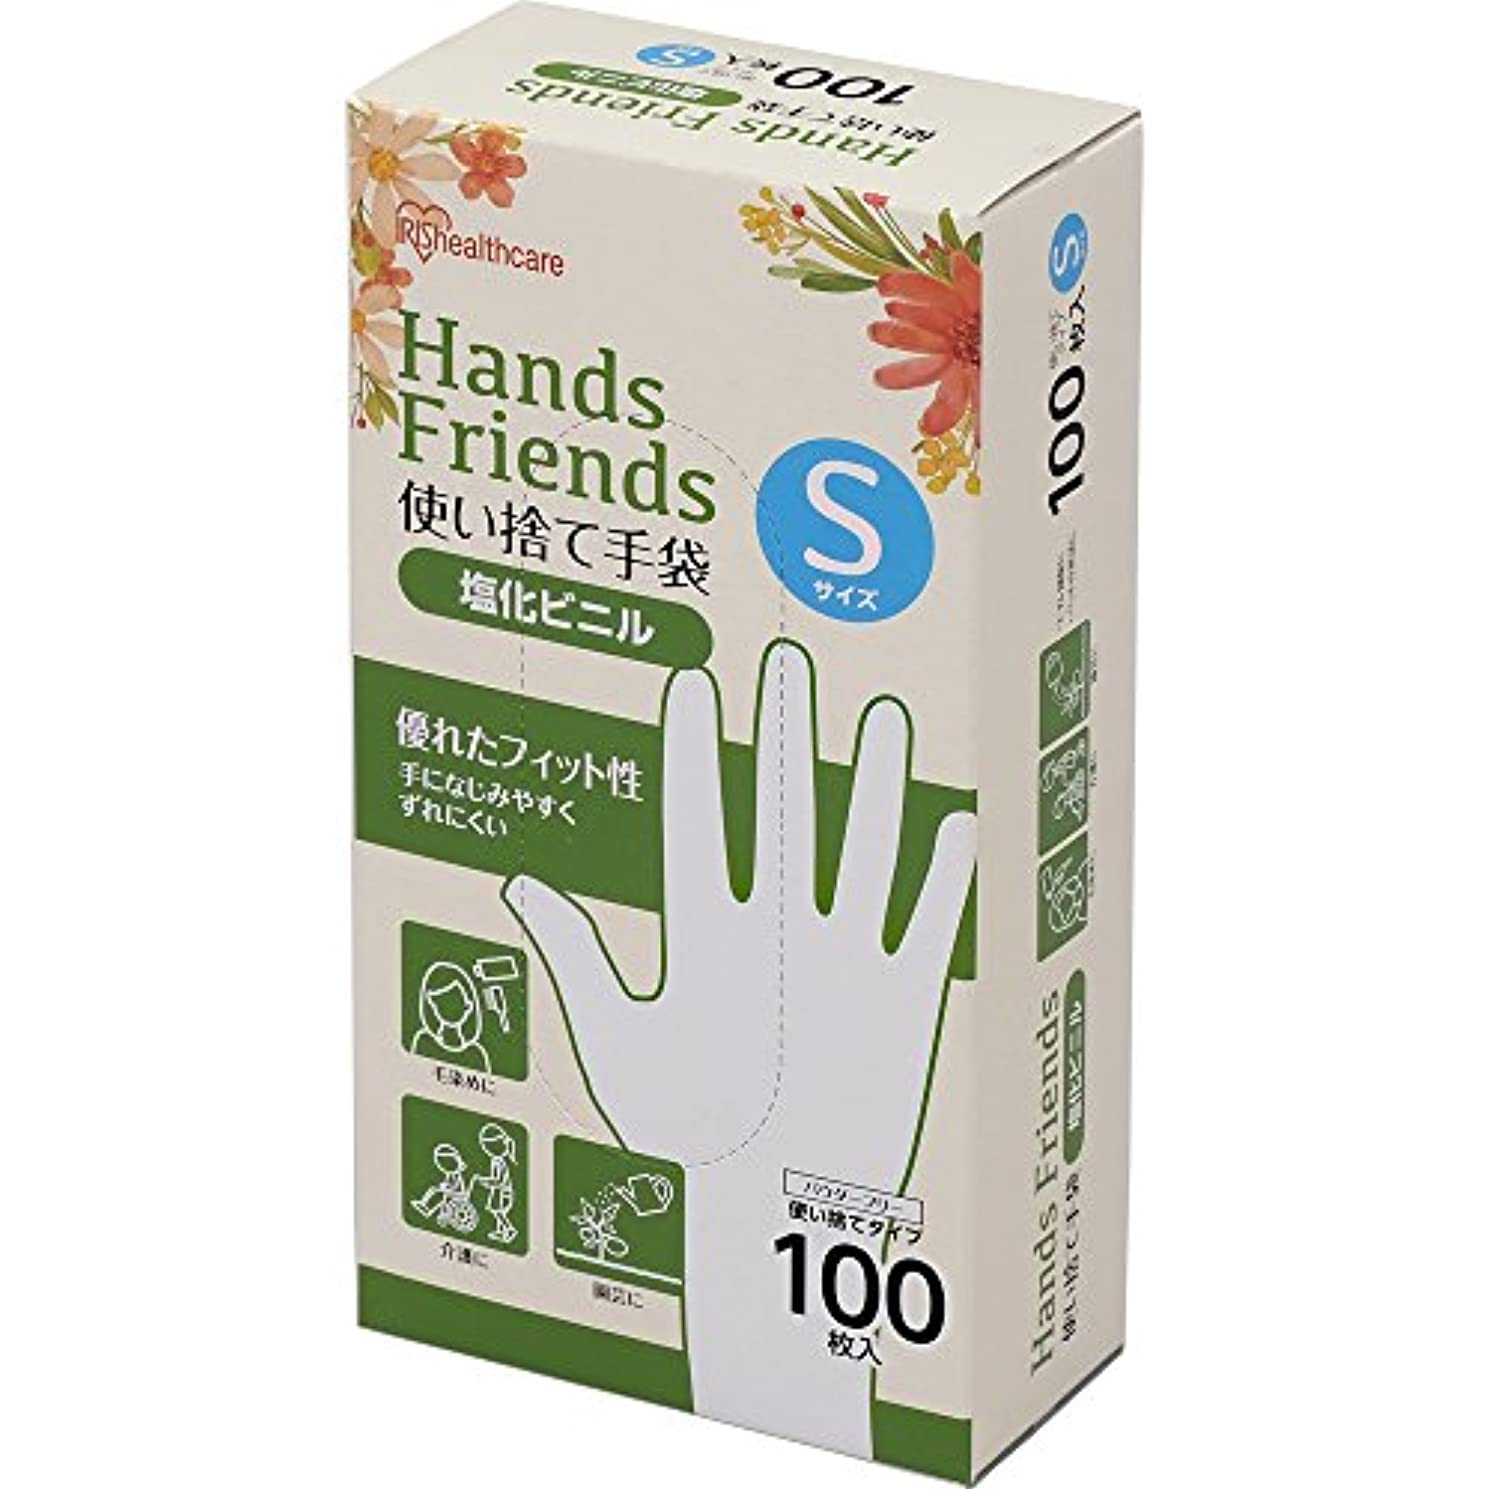 パパ平手打ちスリル使い捨て手袋 クリア 塩化ビニル 100枚 Sサイズ PVC-100S